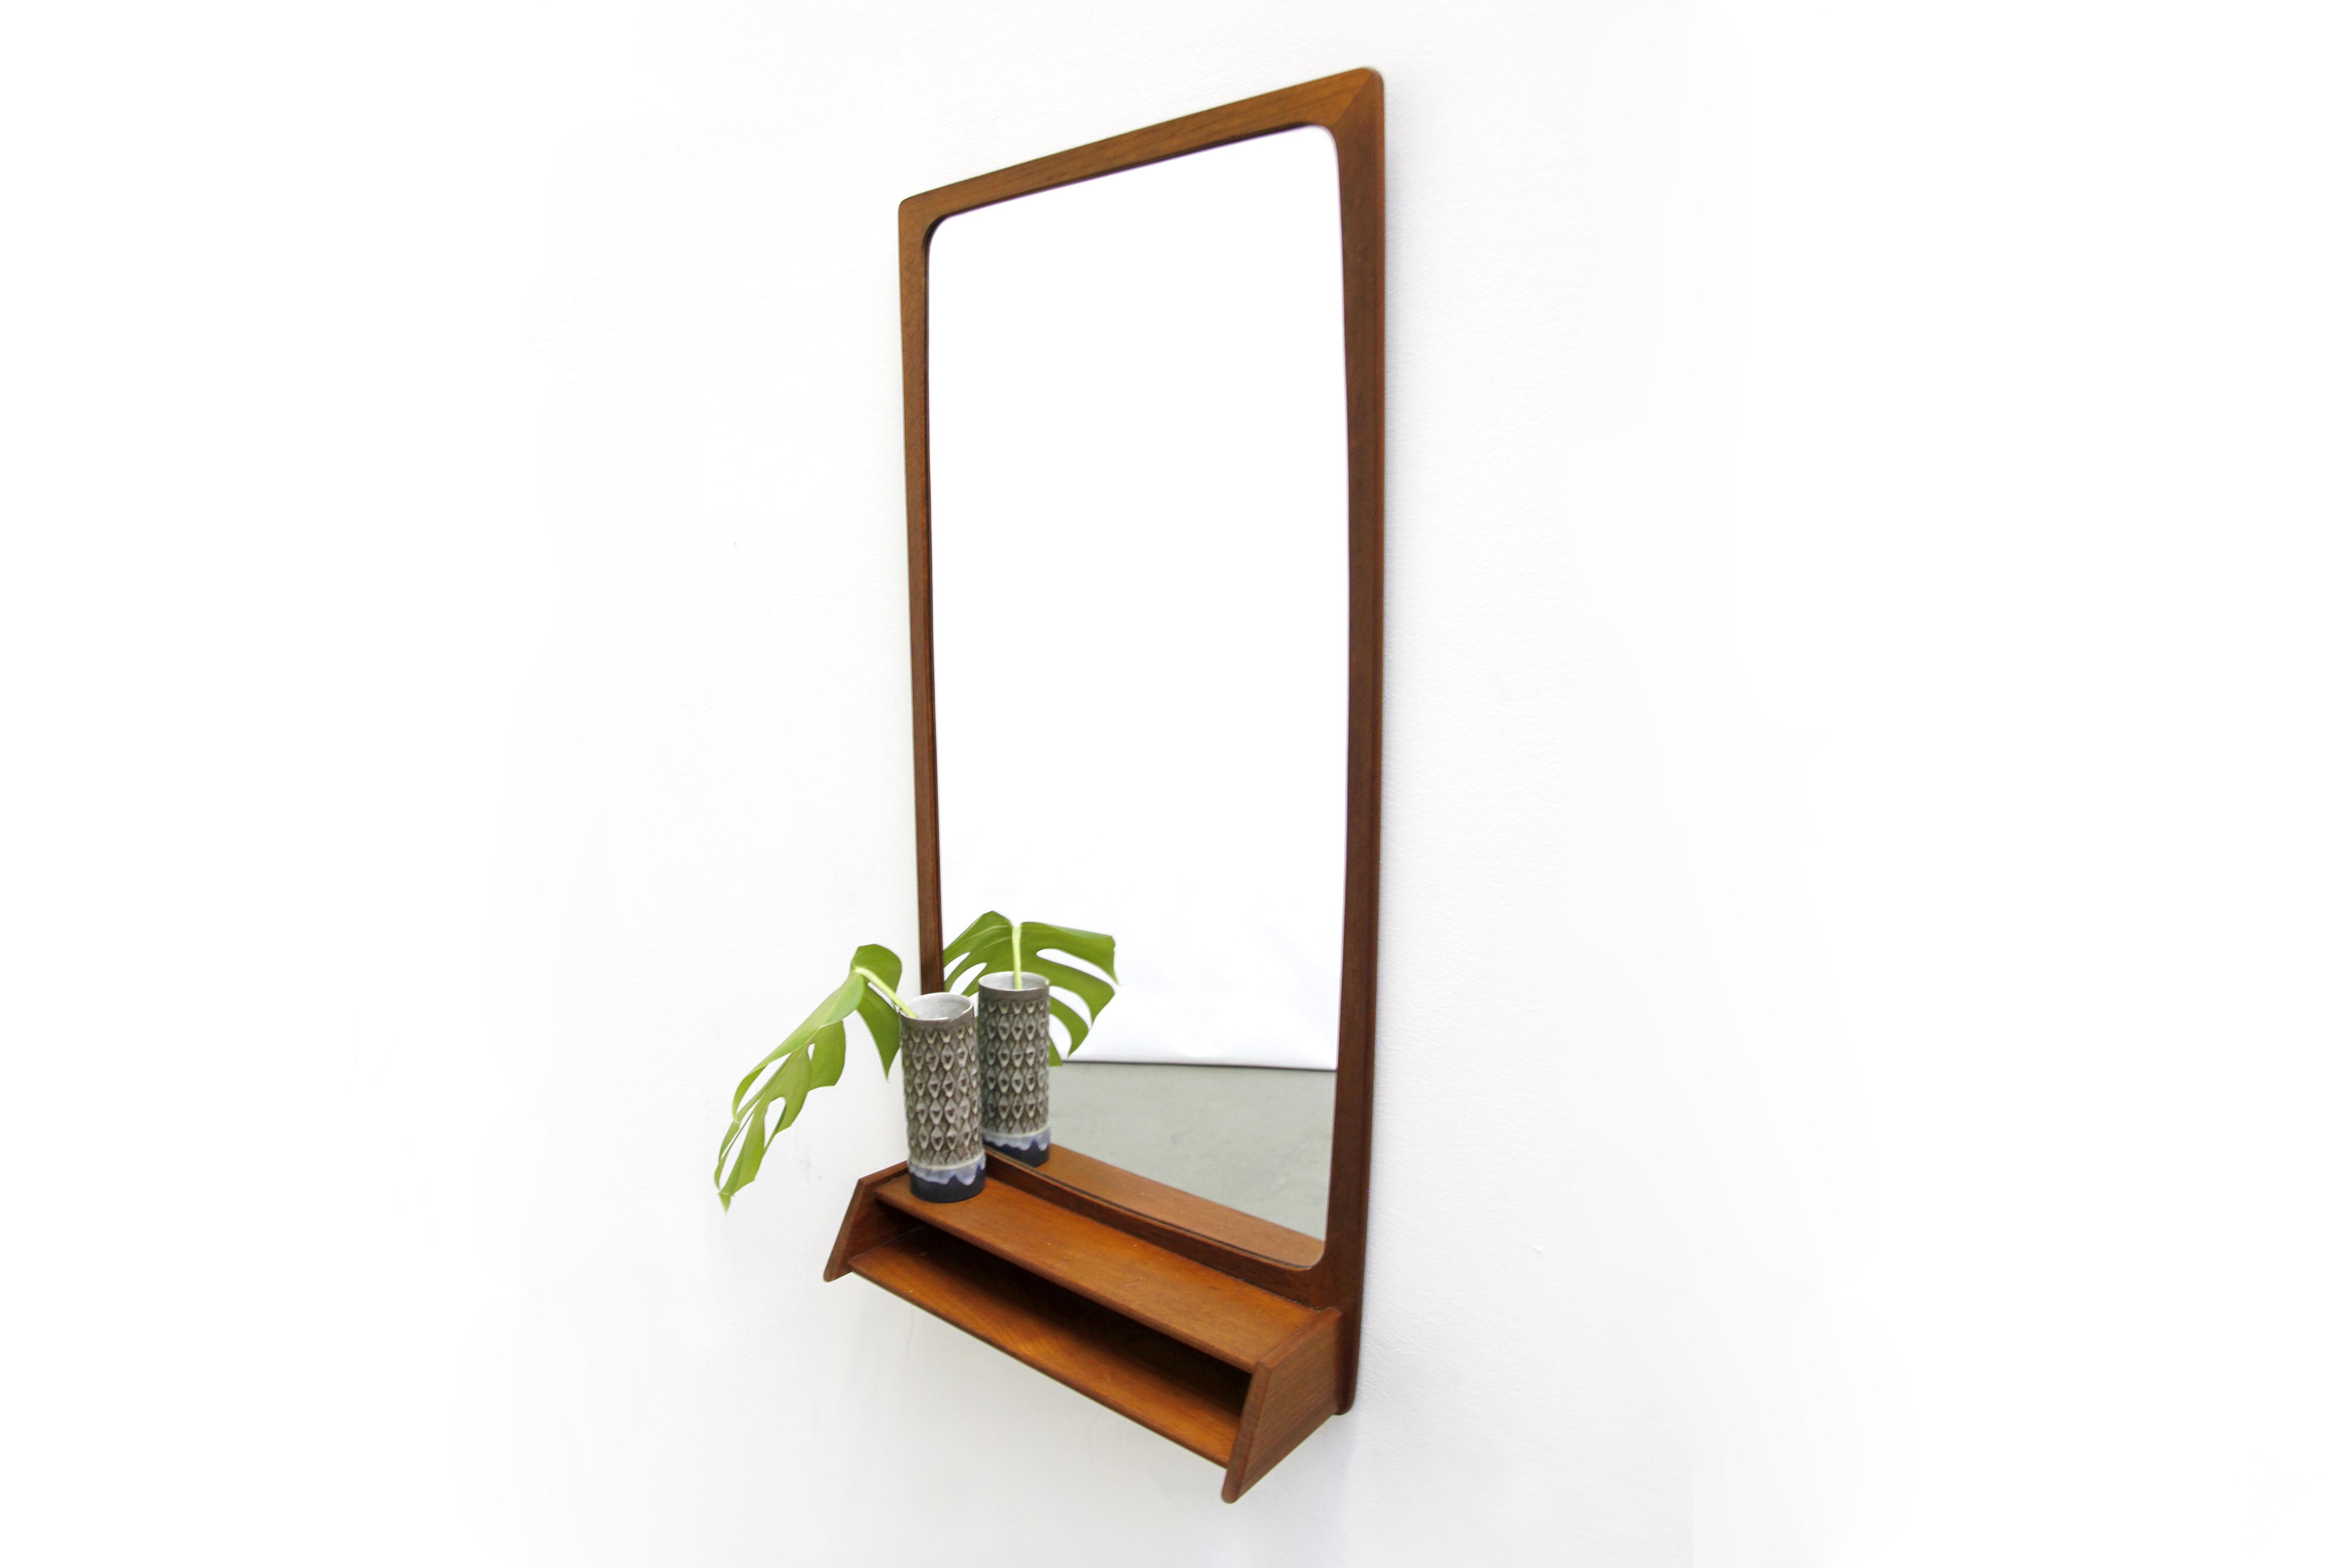 Grote Spiegel Hout : Spiegel modern hout badkamer robuust hoeijmakers